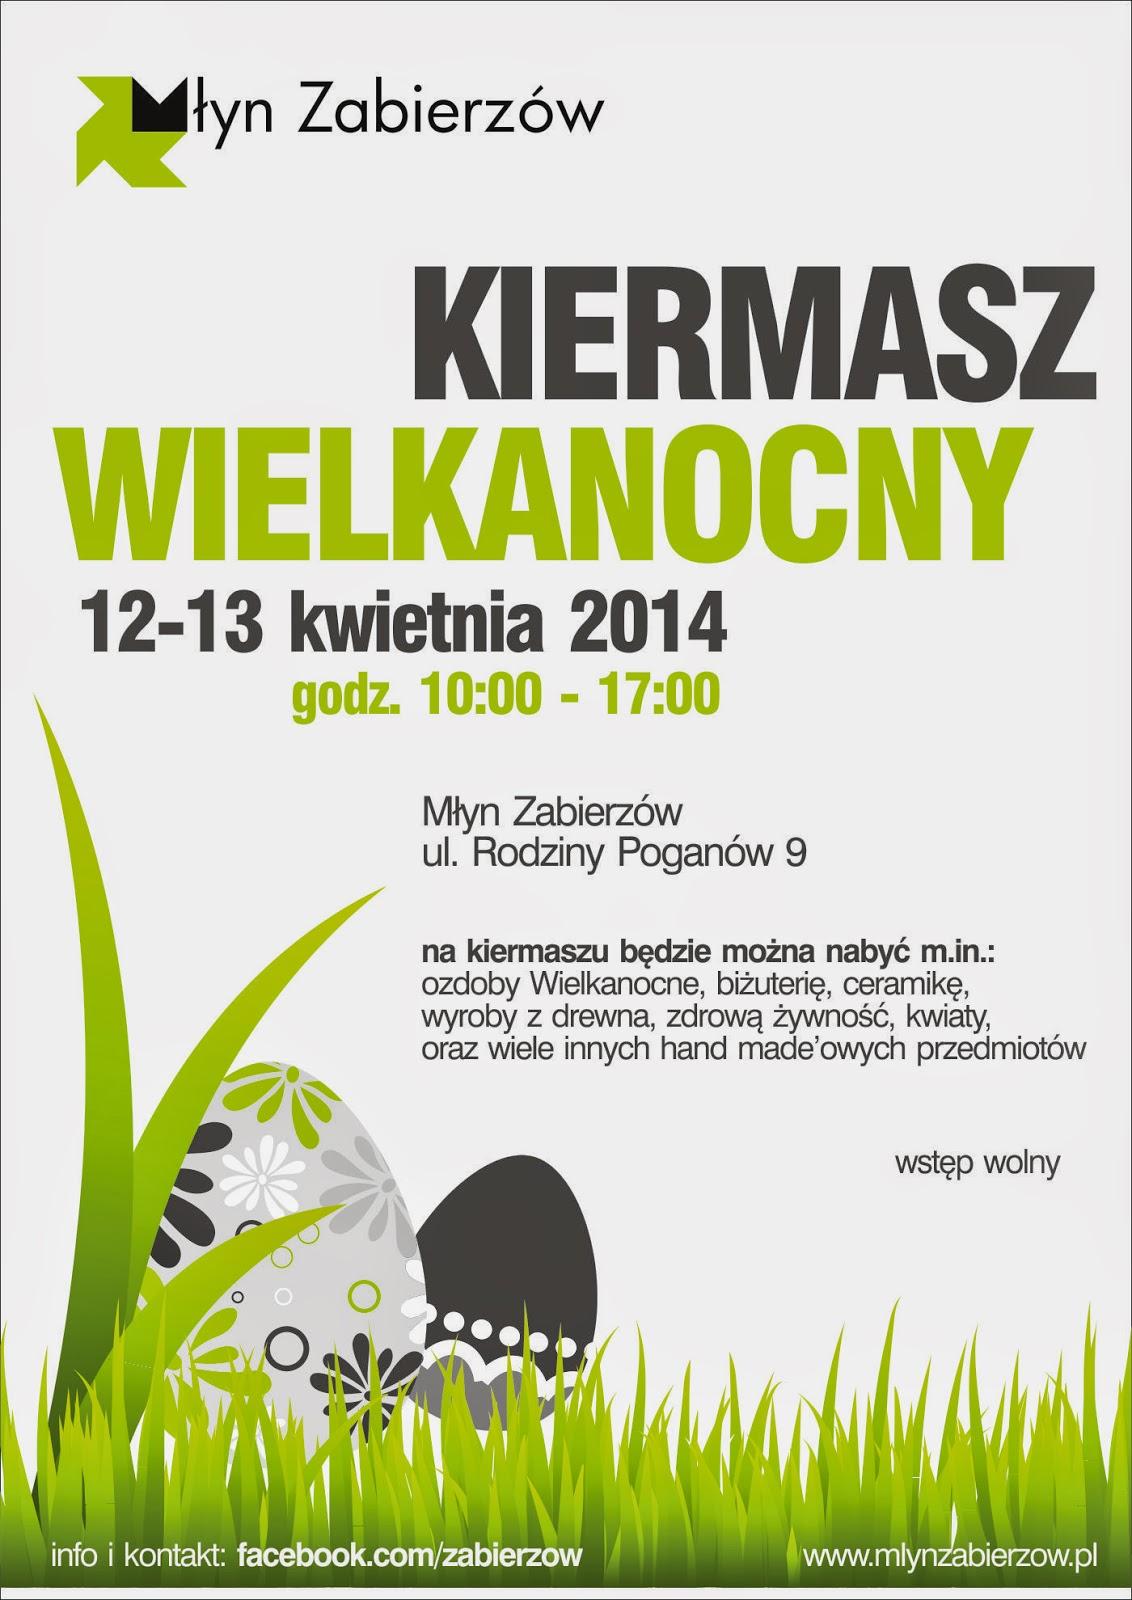 Kiermasz Wielkanocny w Młyn-Zabierzów oraz czas na herbatkę